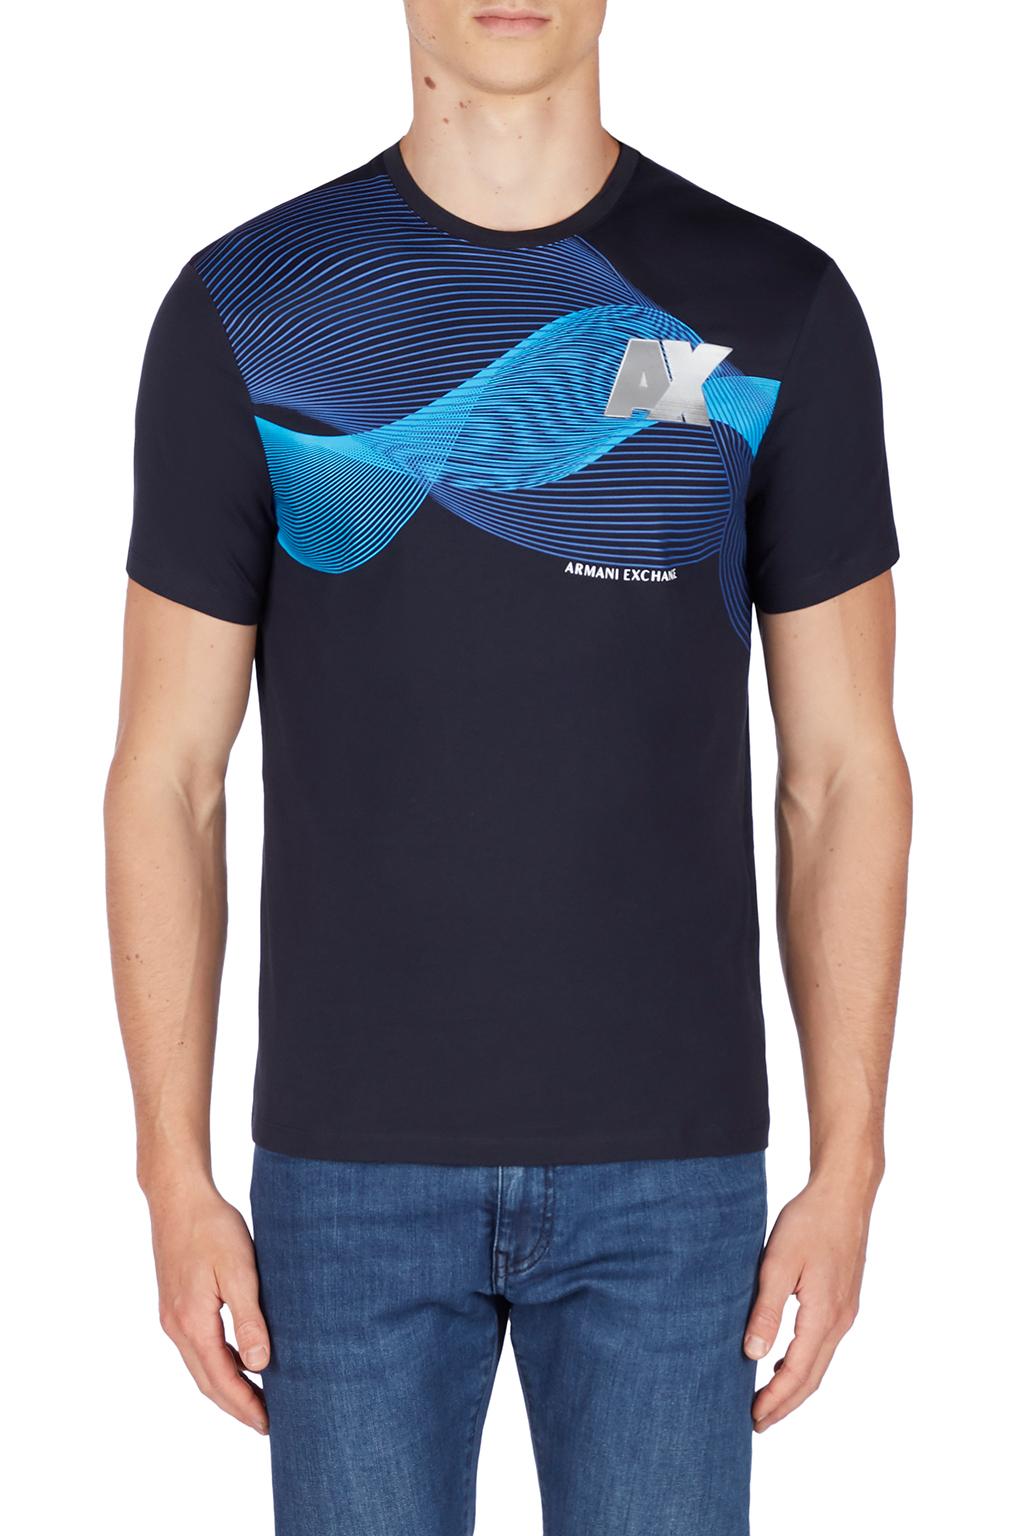 T-shirt uomo ARMANI EXCHANGE stampa